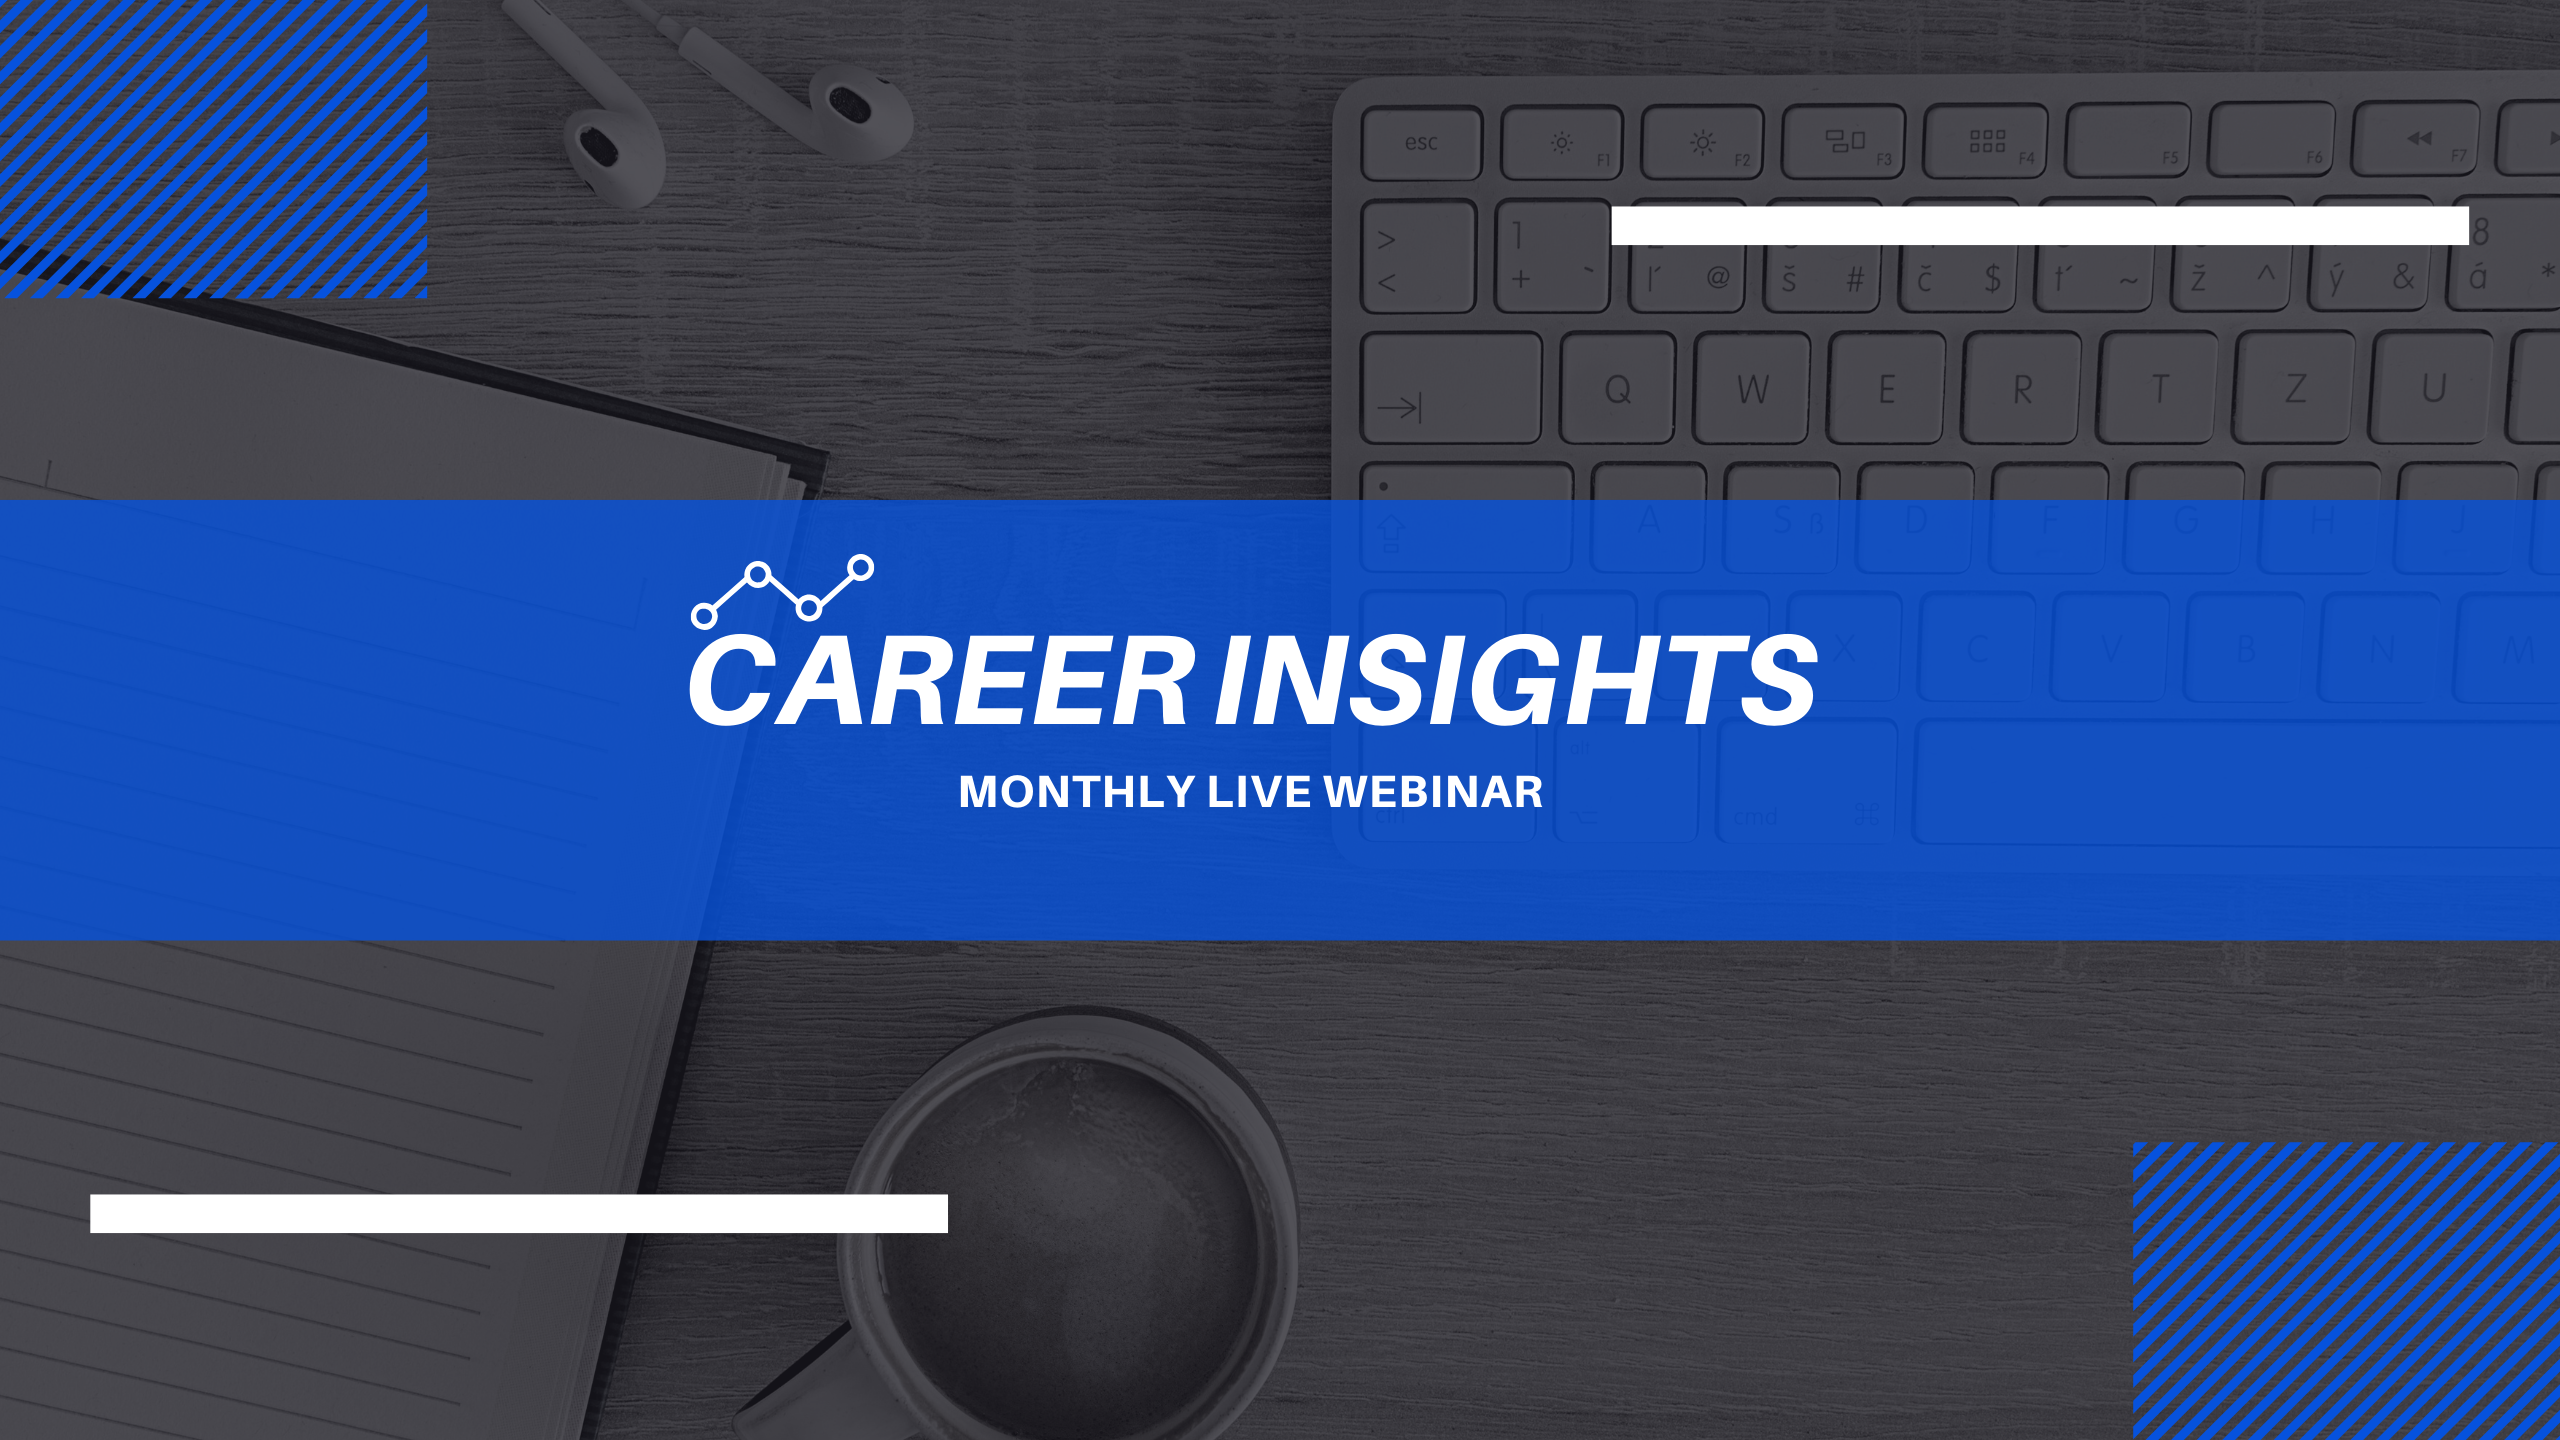 Career Insights: Monthly Digital Workshop - Manchester